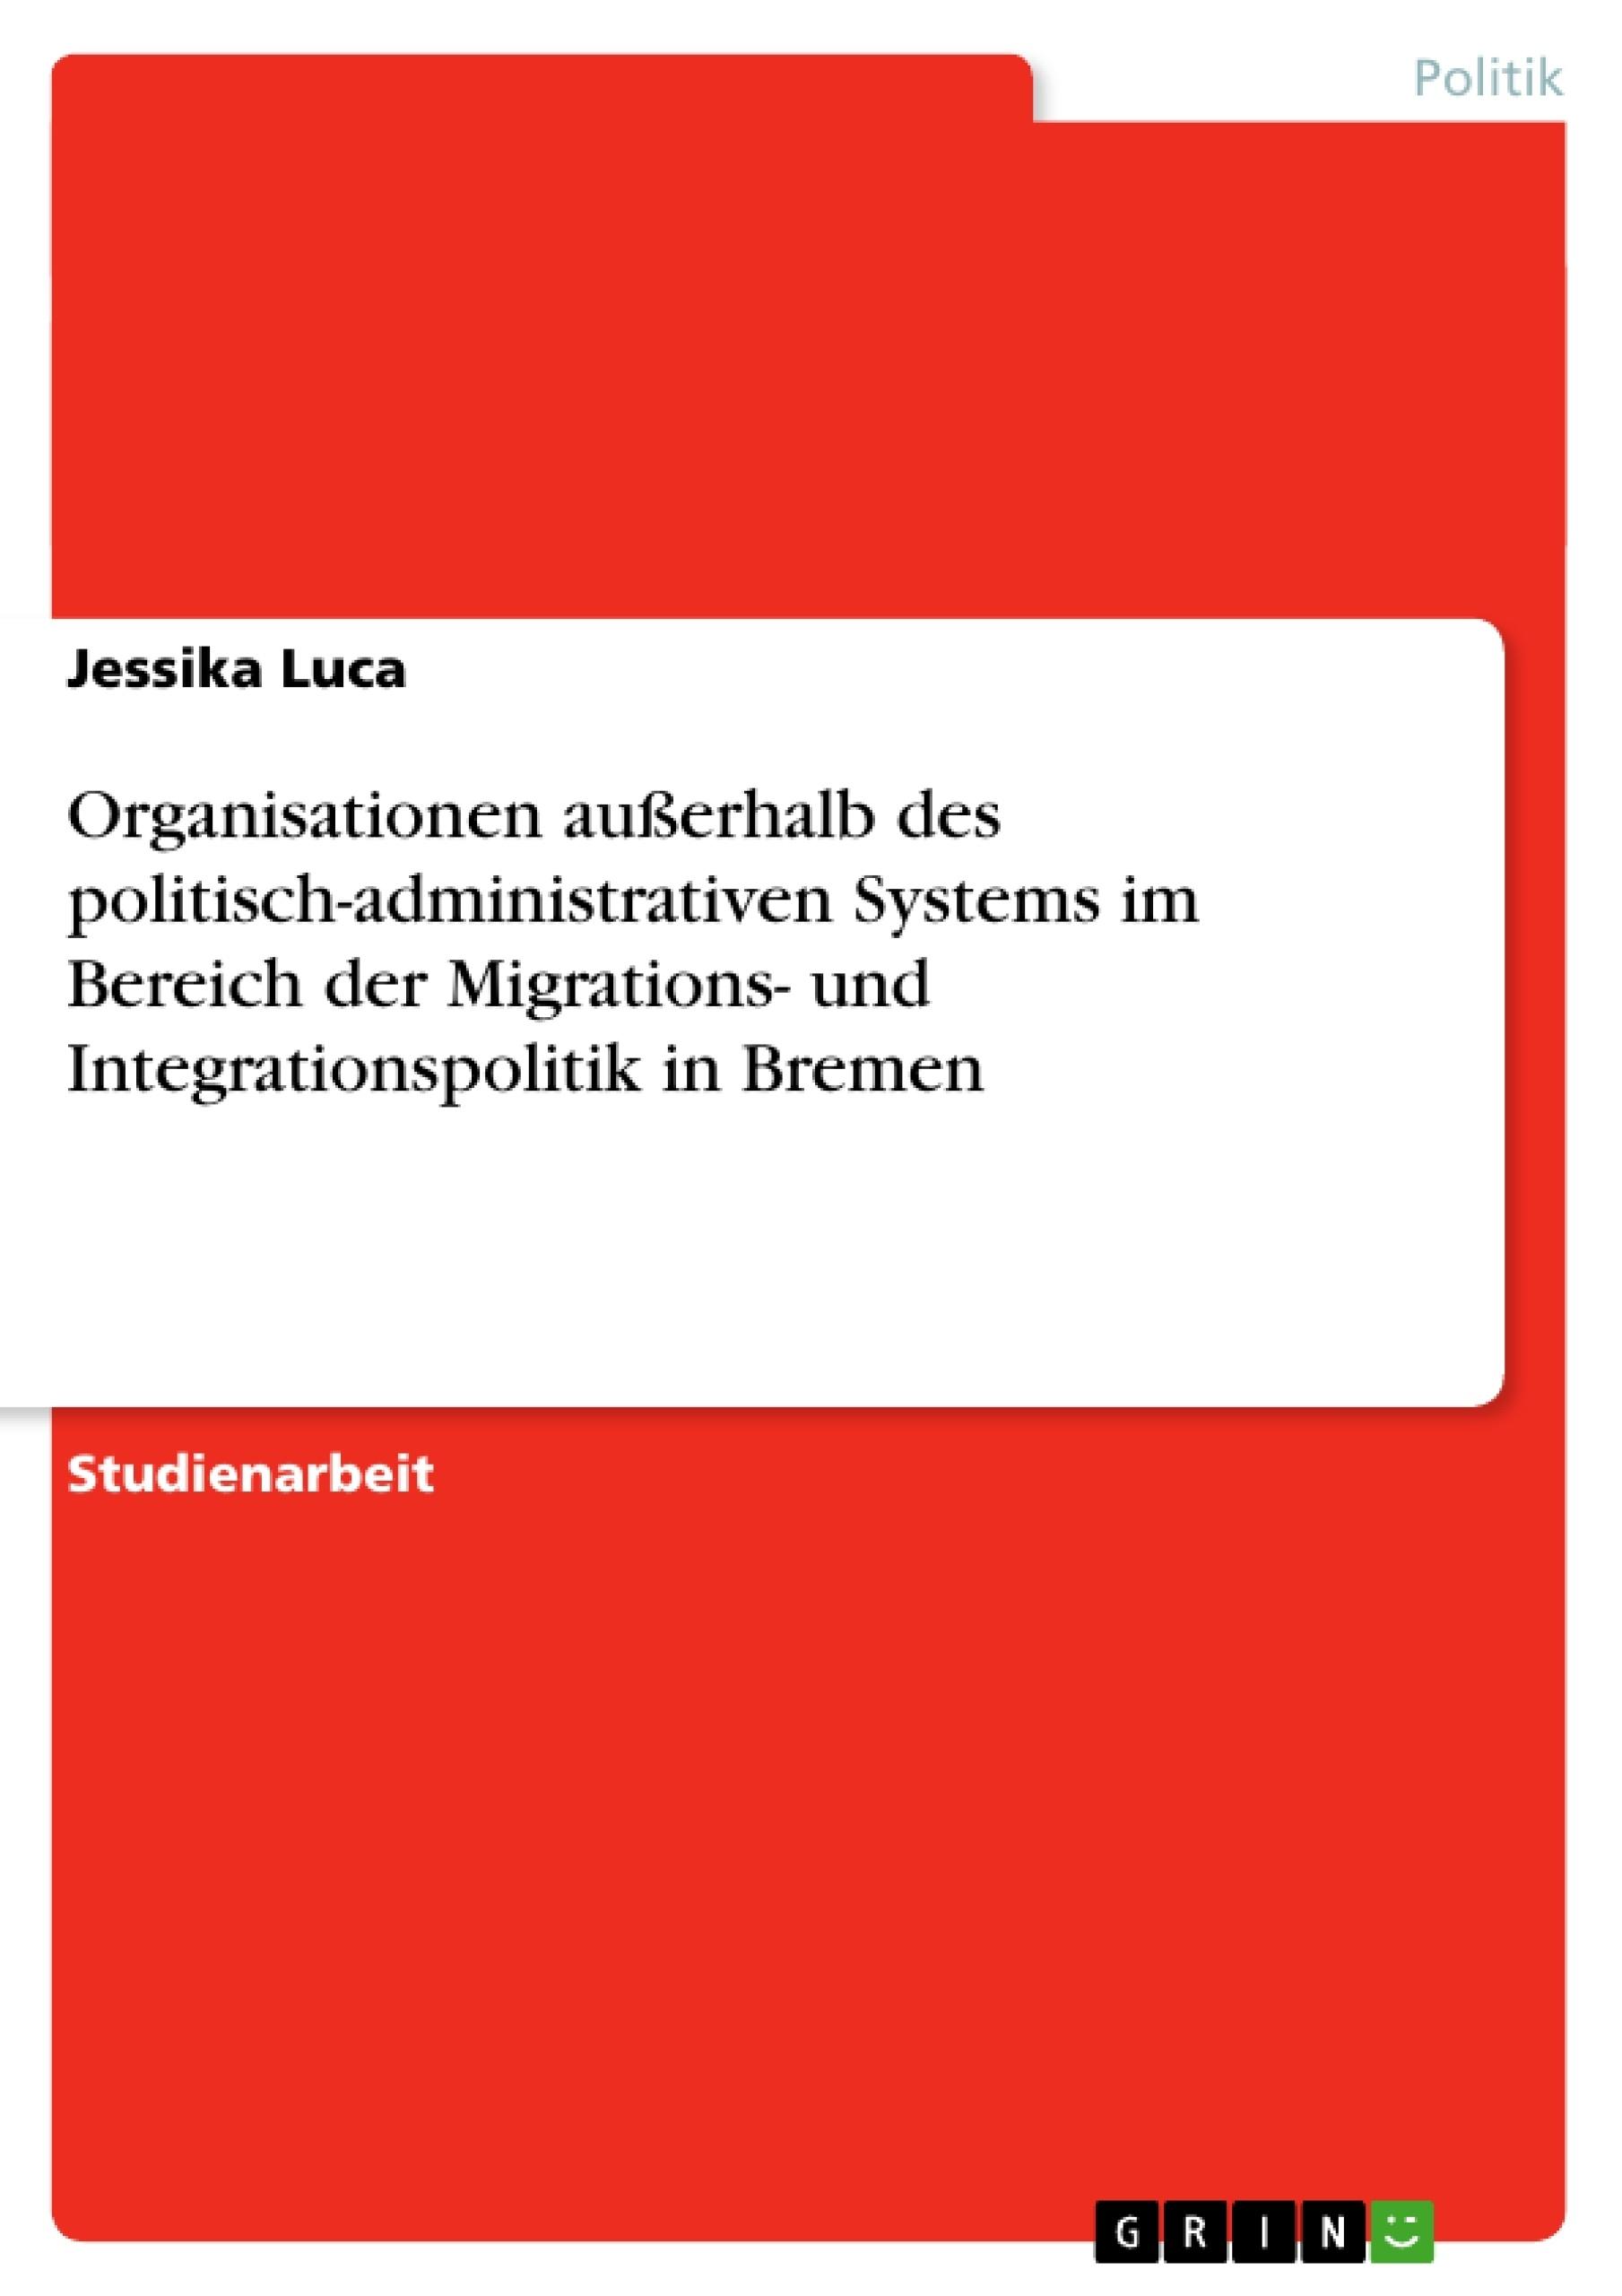 Titel: Organisationen außerhalb des politisch-administrativen Systems im Bereich der Migrations- und Integrationspolitik in Bremen